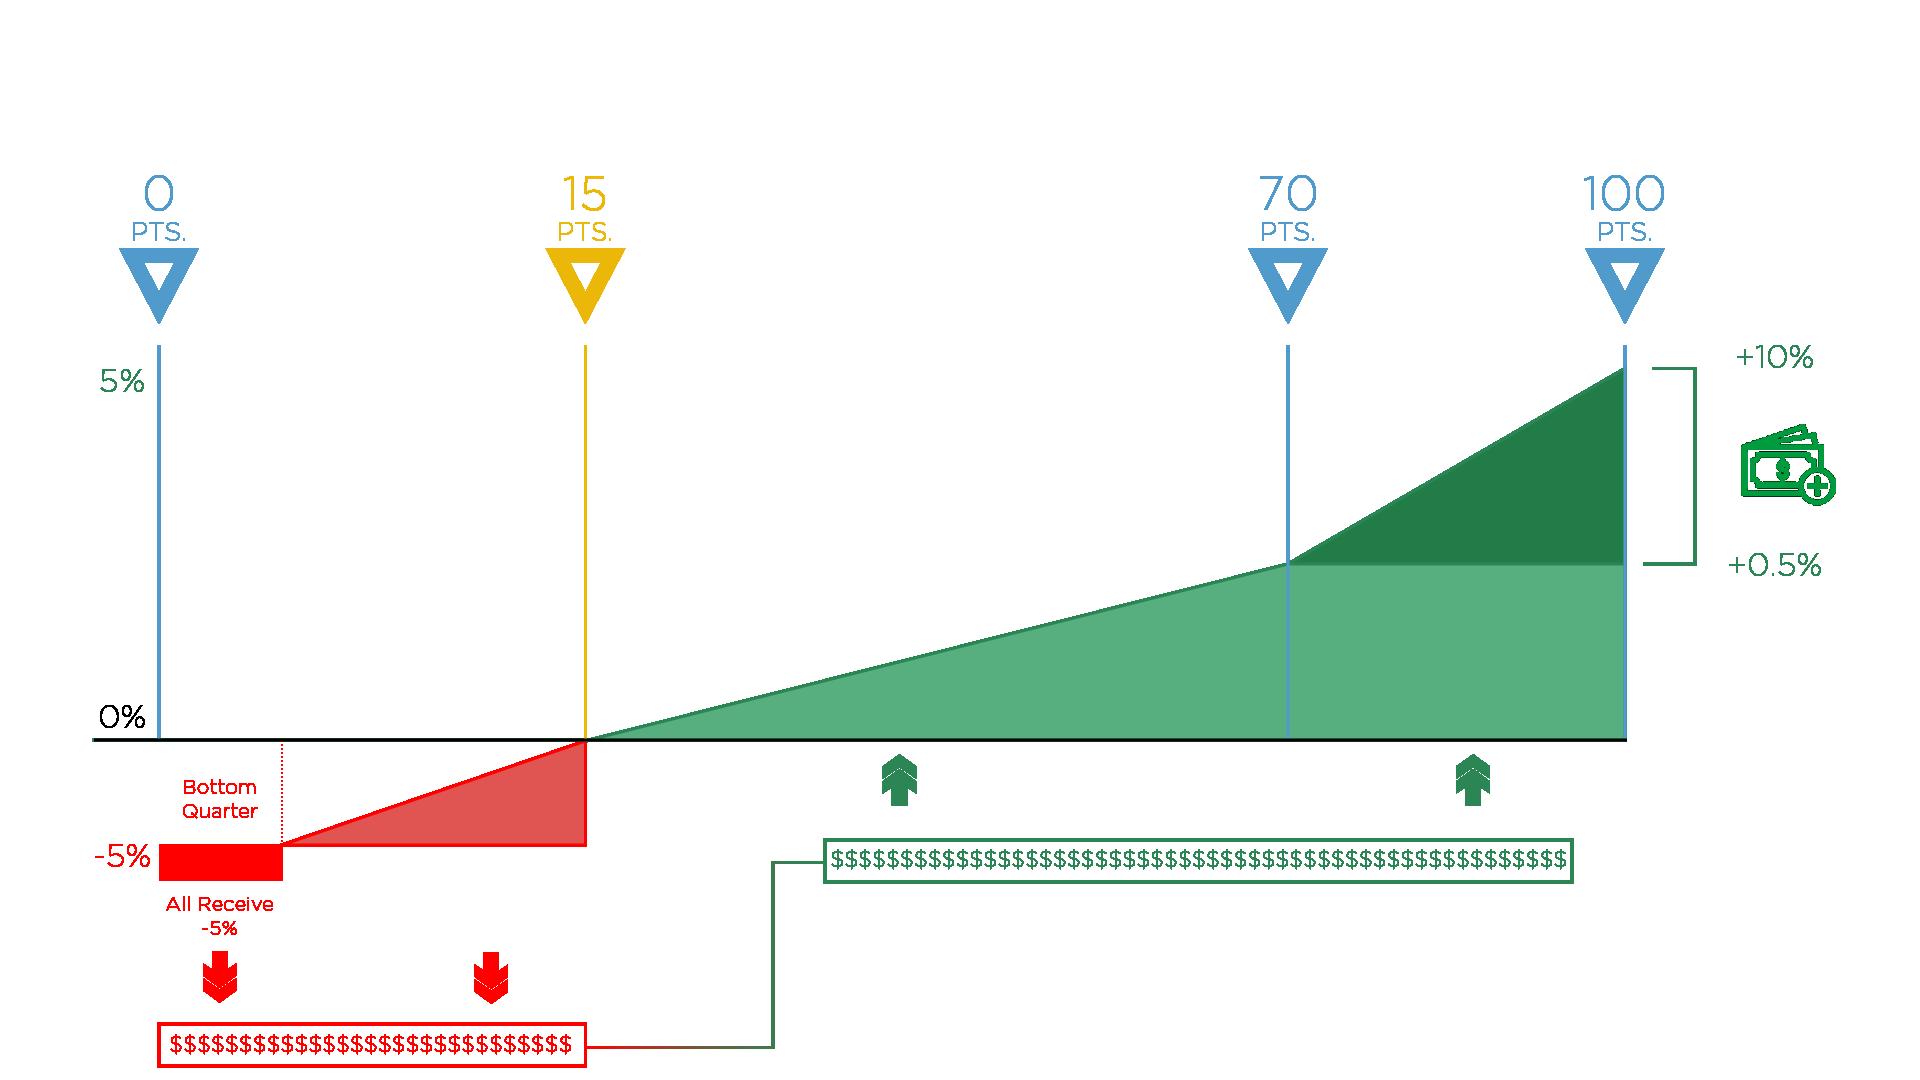 MIPS_2018_Reimbursement_Graph.png